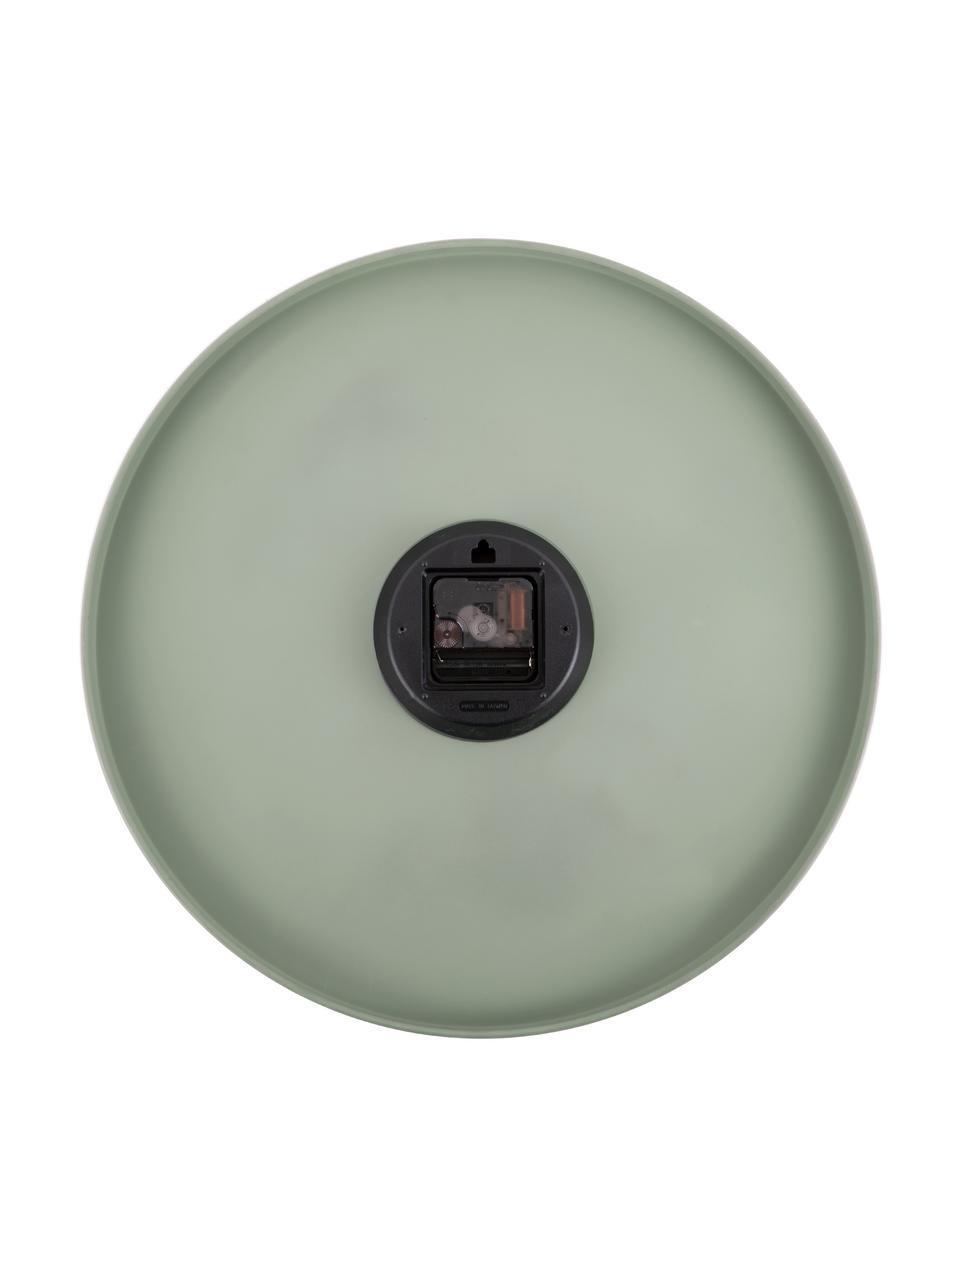 Orologio da parete Charm, Metallo rivestito, Verde, Ø 45